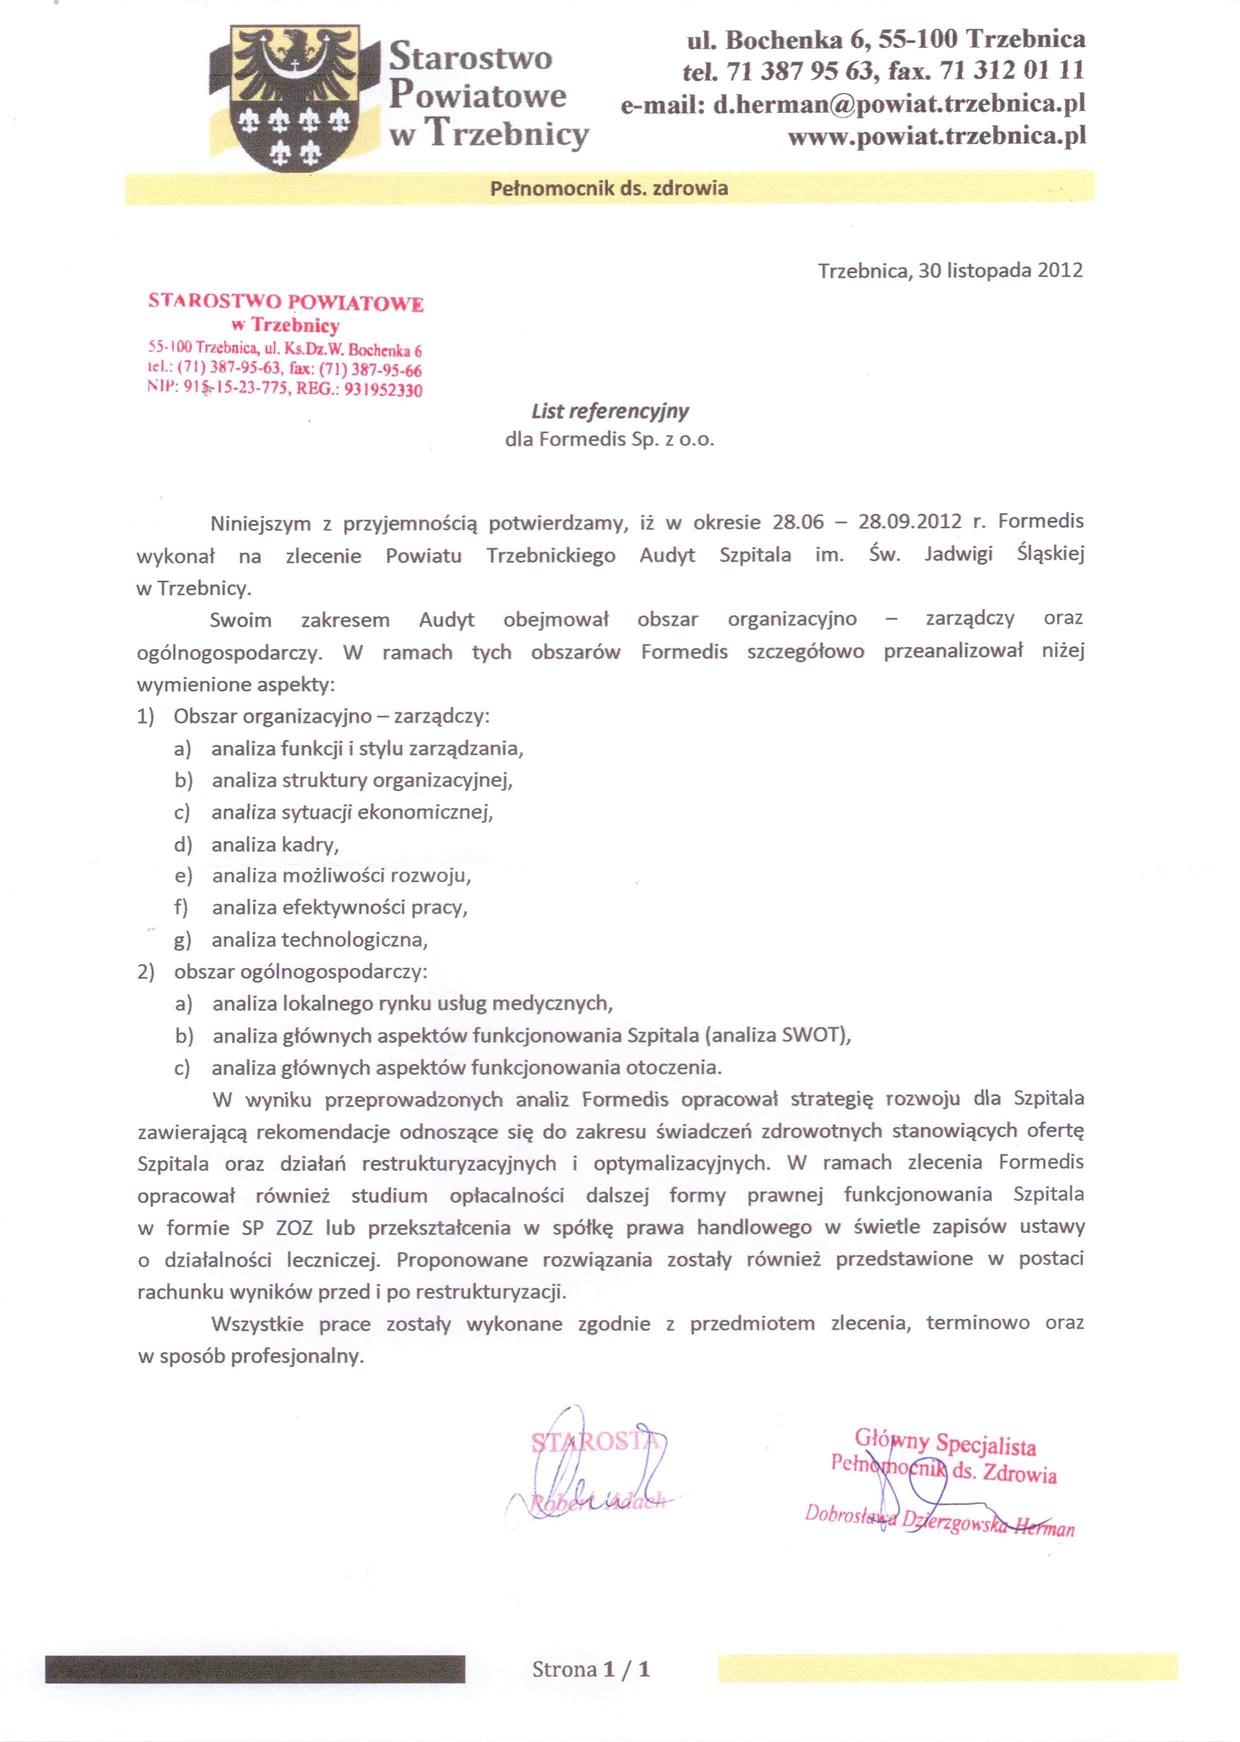 powiat_trzebnicki_referencje